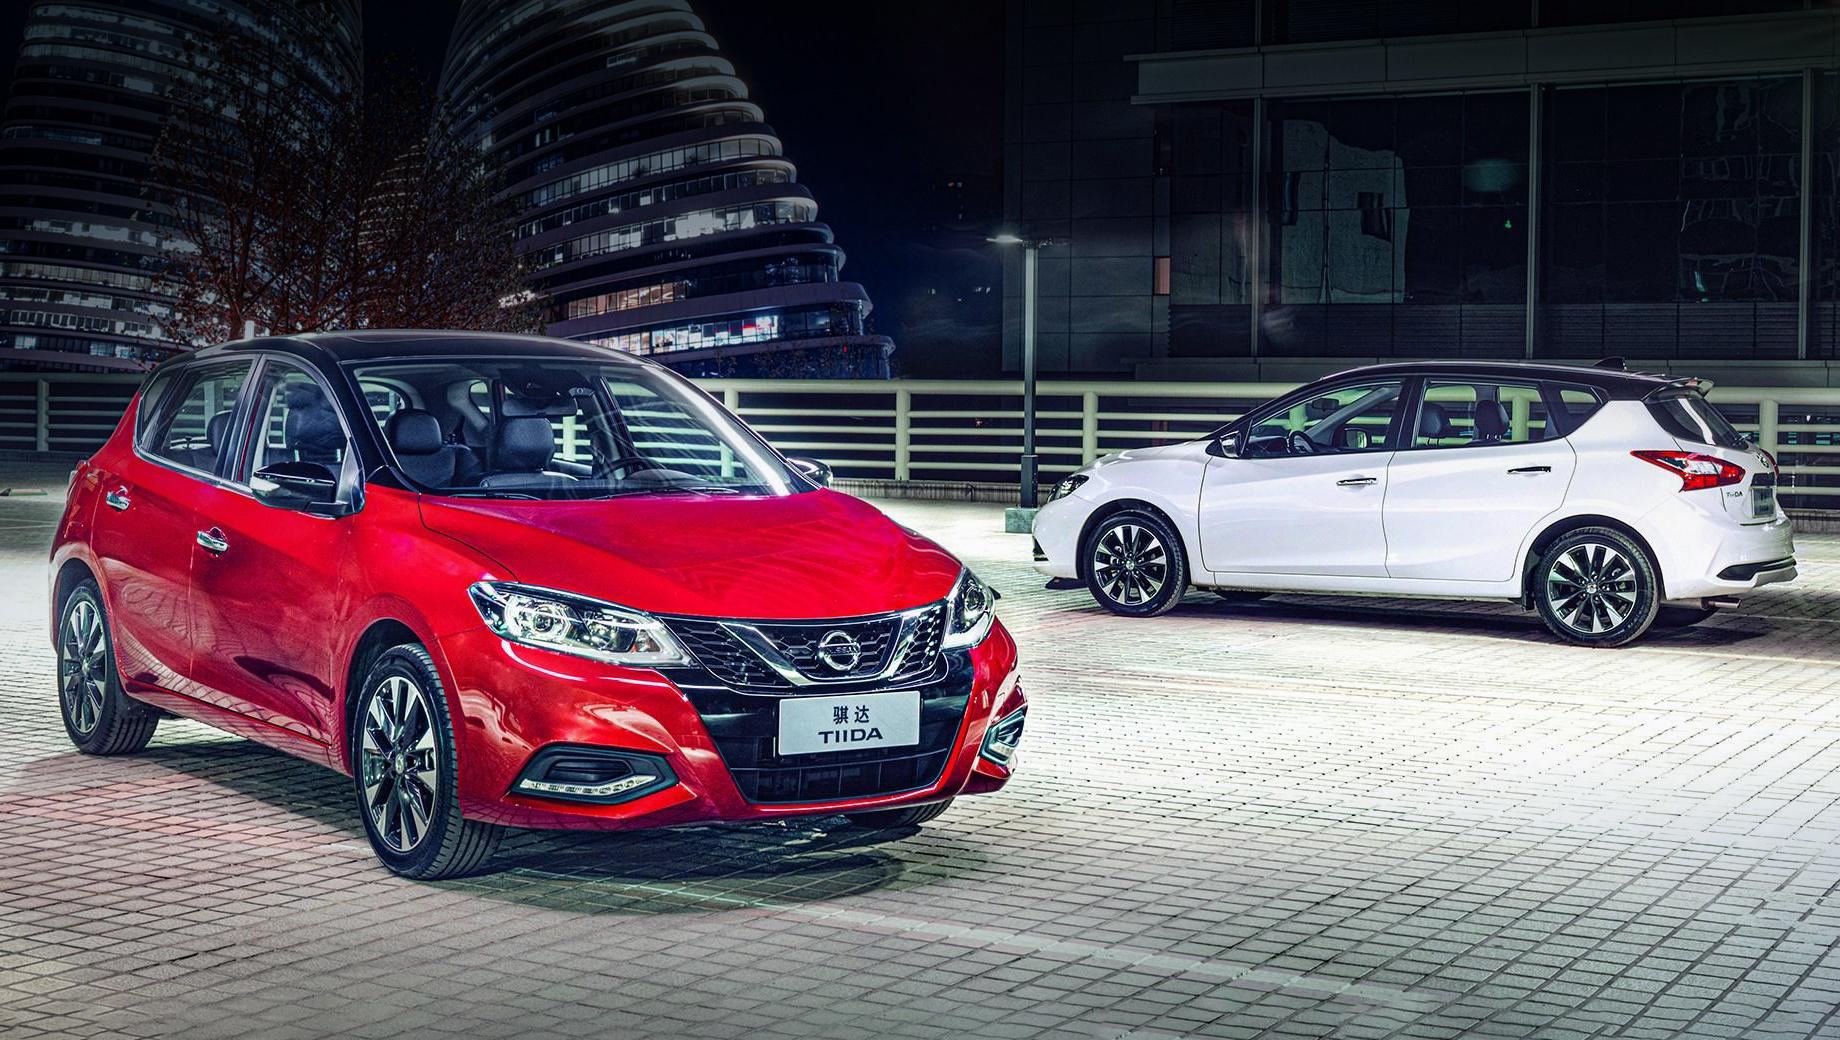 Хэтчбек Nissan Tiida немного улучшился для рынка Китая